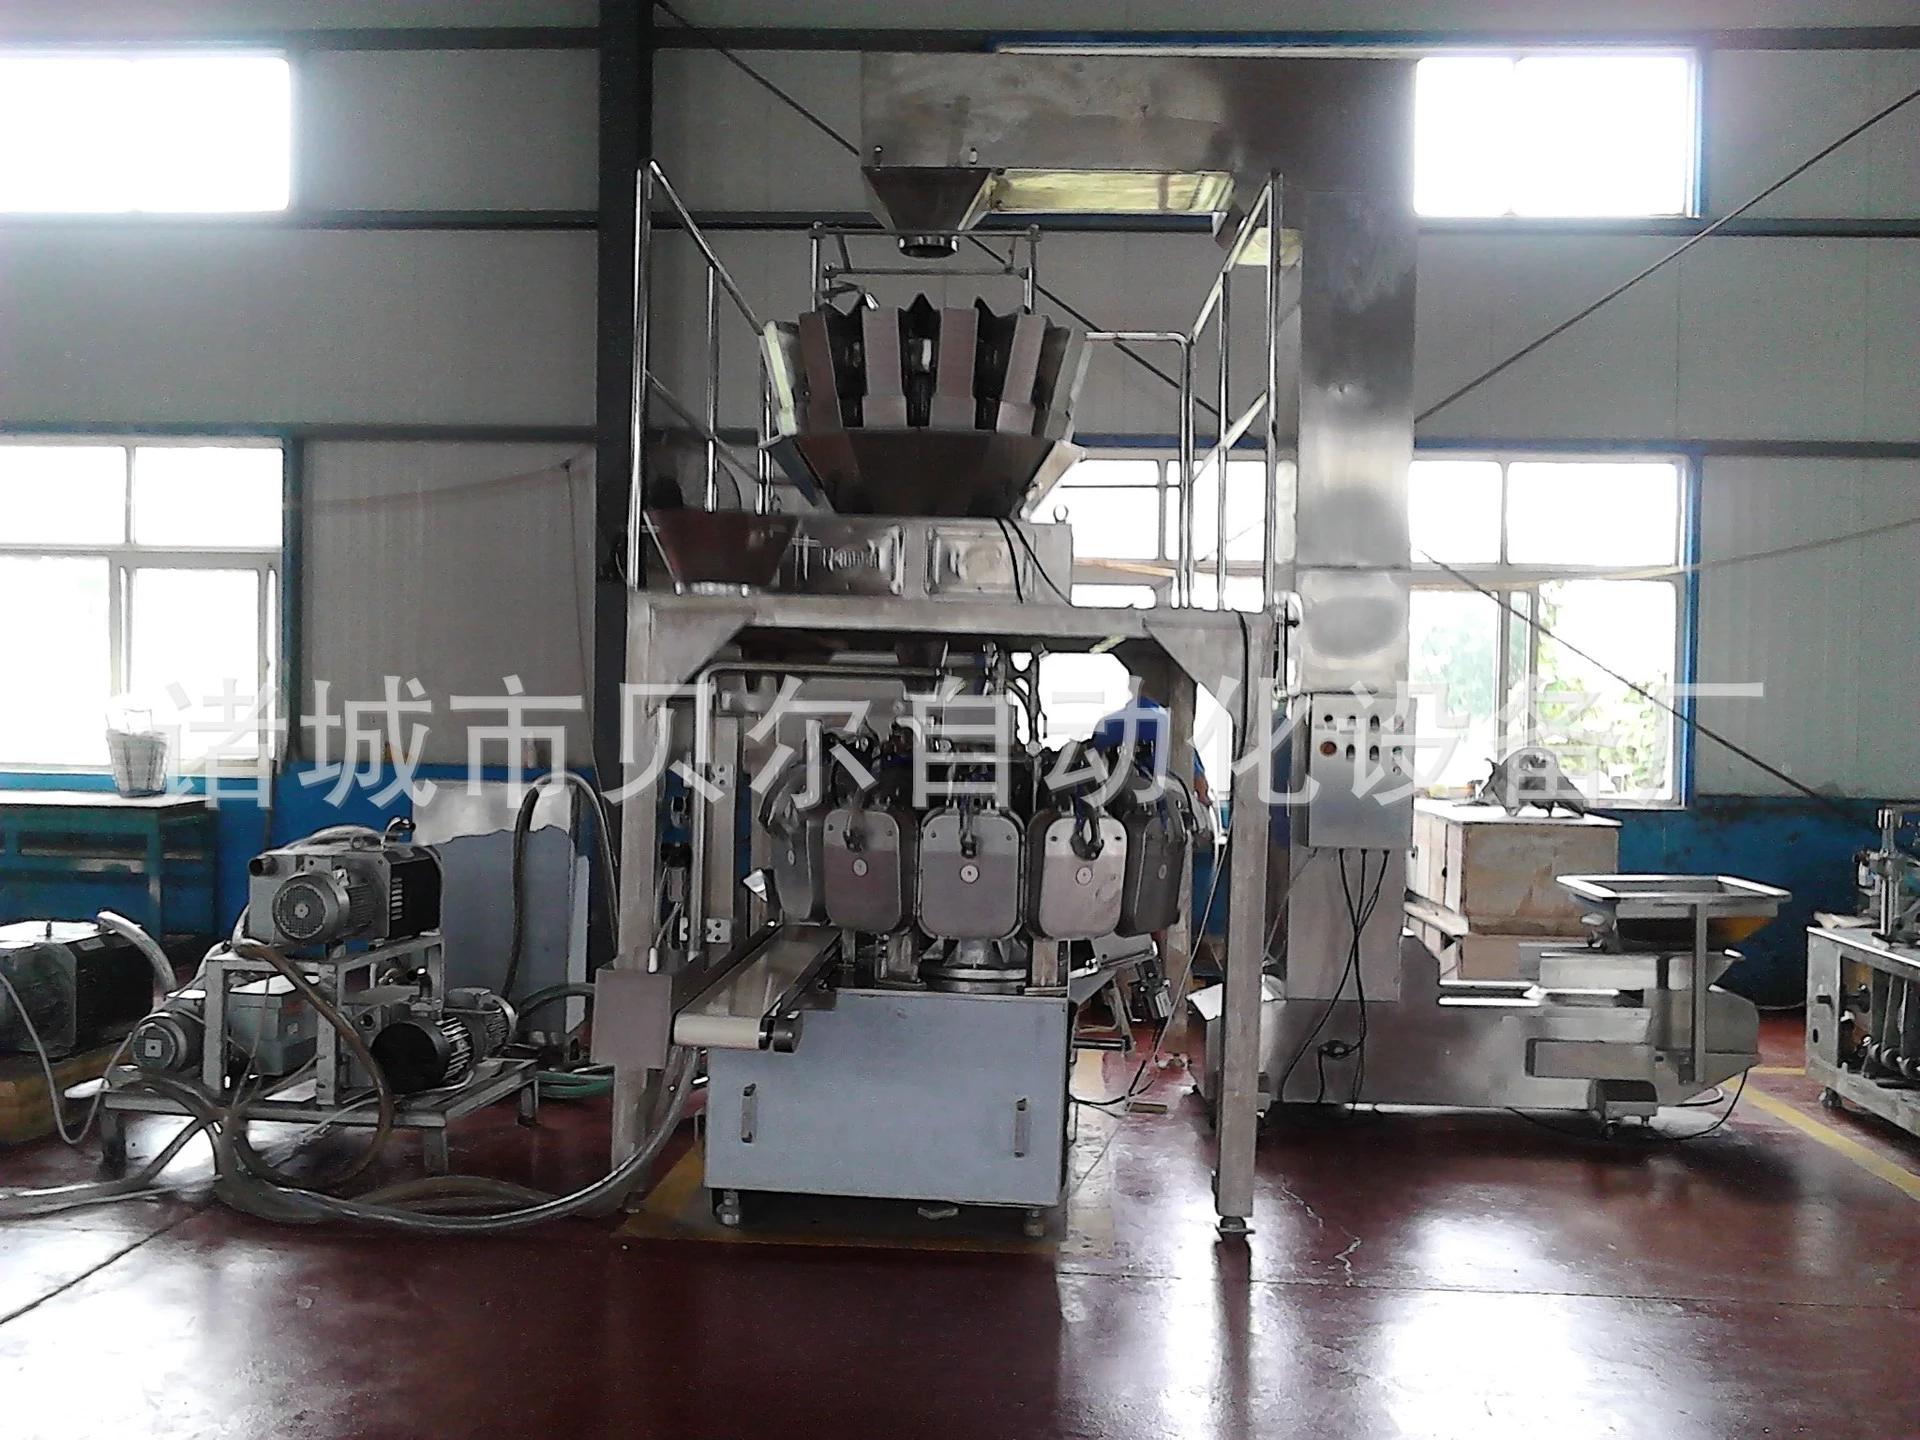 (廠家直銷)200g烏江榨菜給袋式包裝機,貝爾GDS-600型預製袋包裝機,定量給袋包裝機--自動提升,自動稱重,自動真空打碼707707512